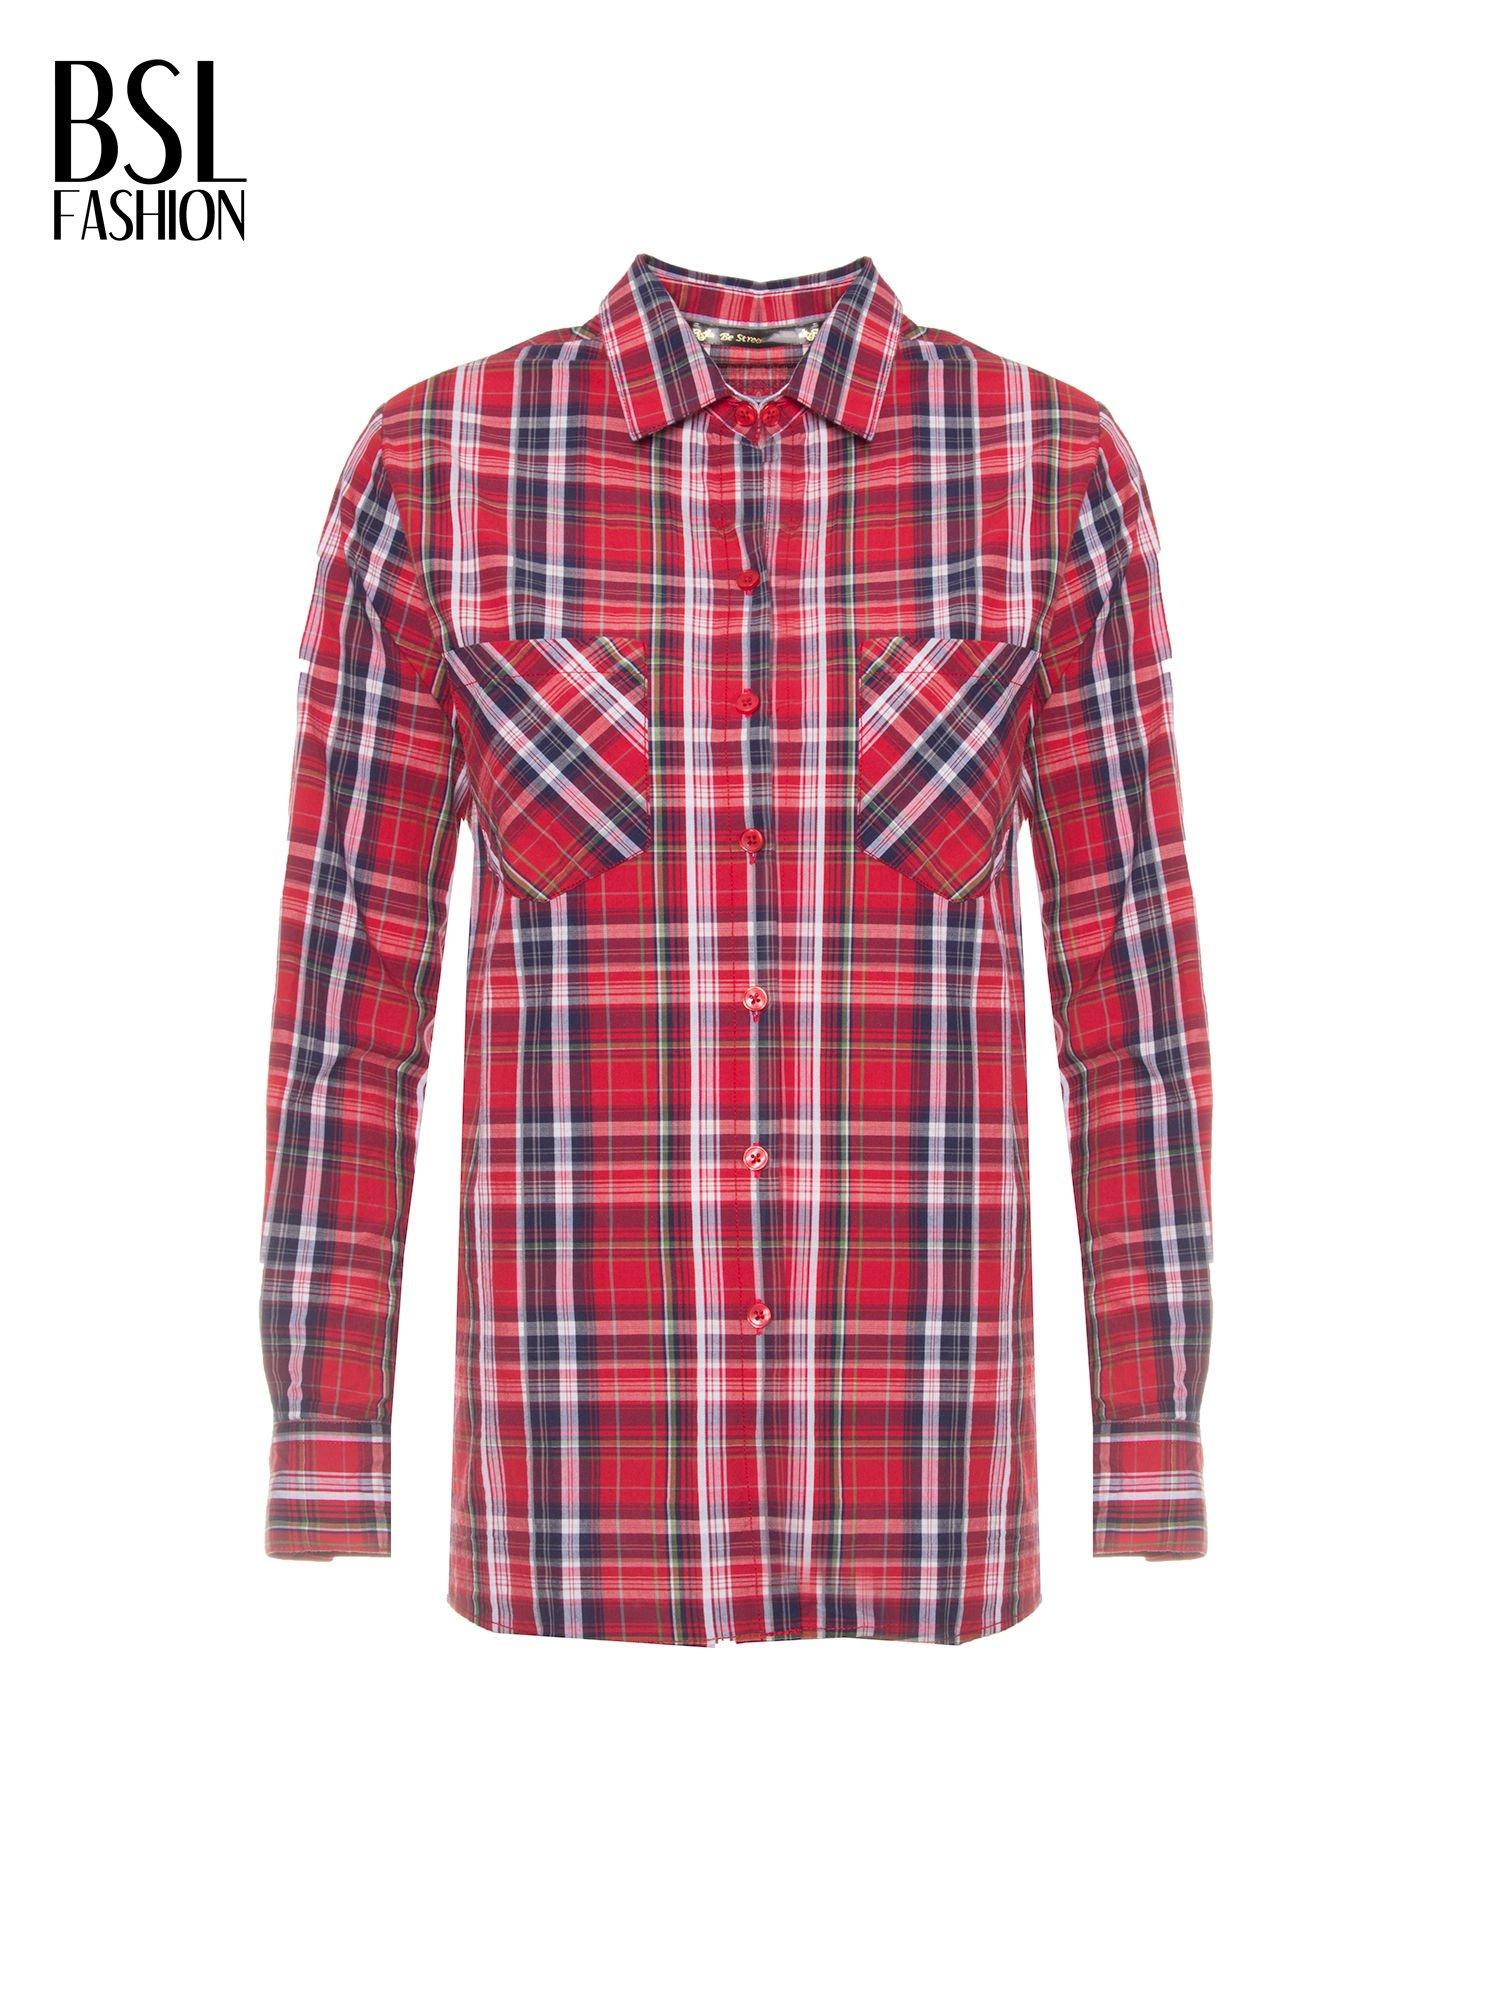 Czerwono-granatowa klasyczna koszula w kratkę z kieszeniami                                  zdj.                                  2